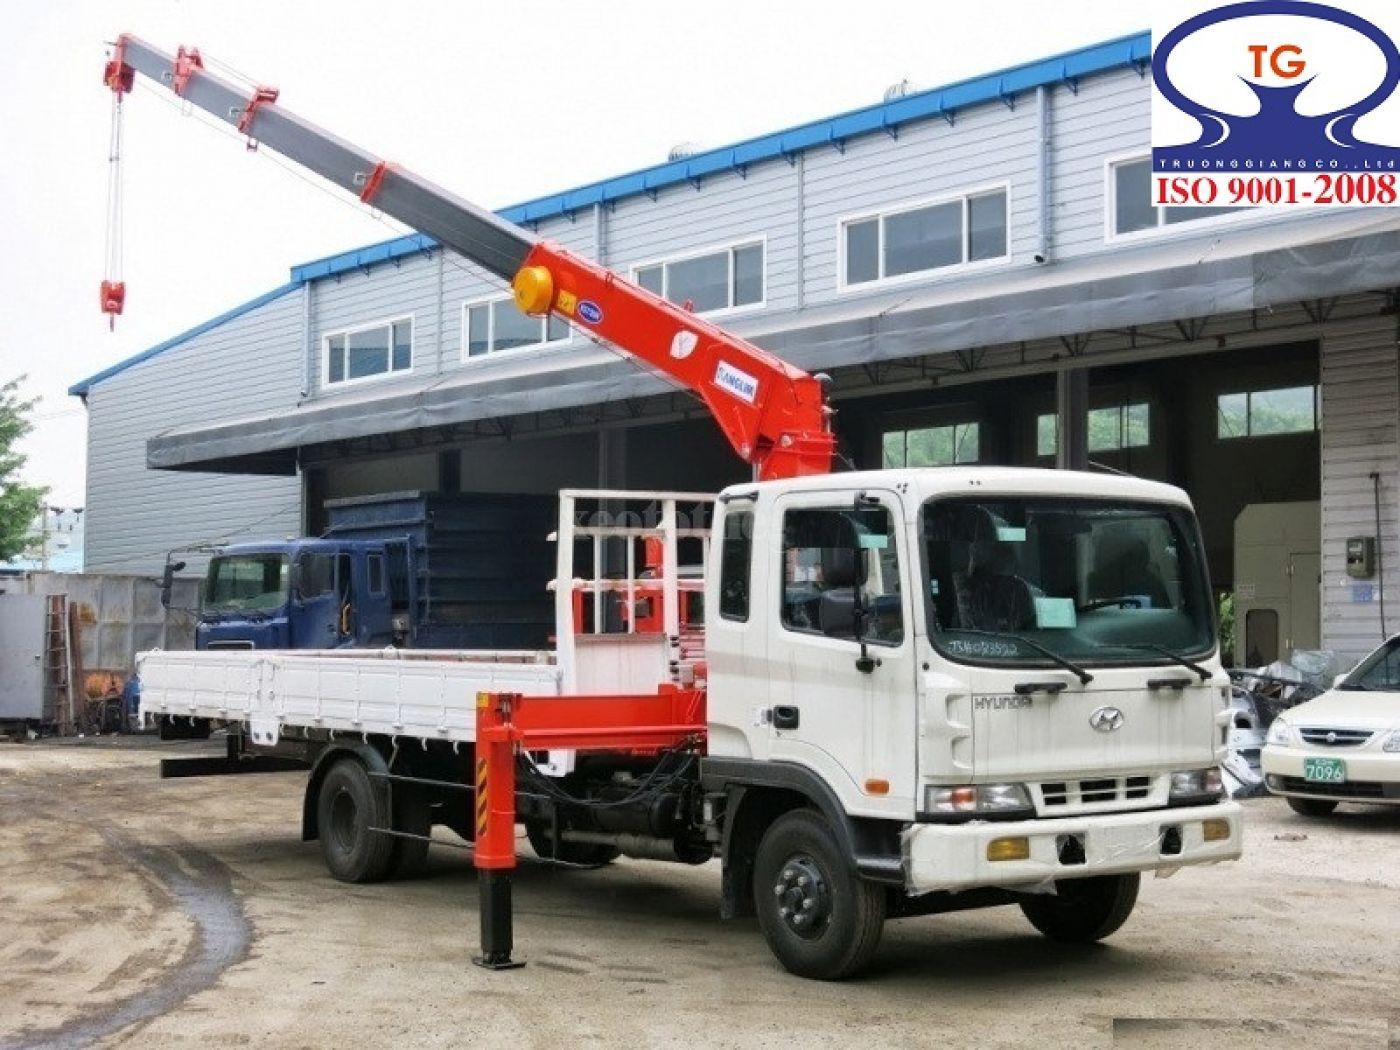 xe-cẩu-tự-hành-hyundai-hd170